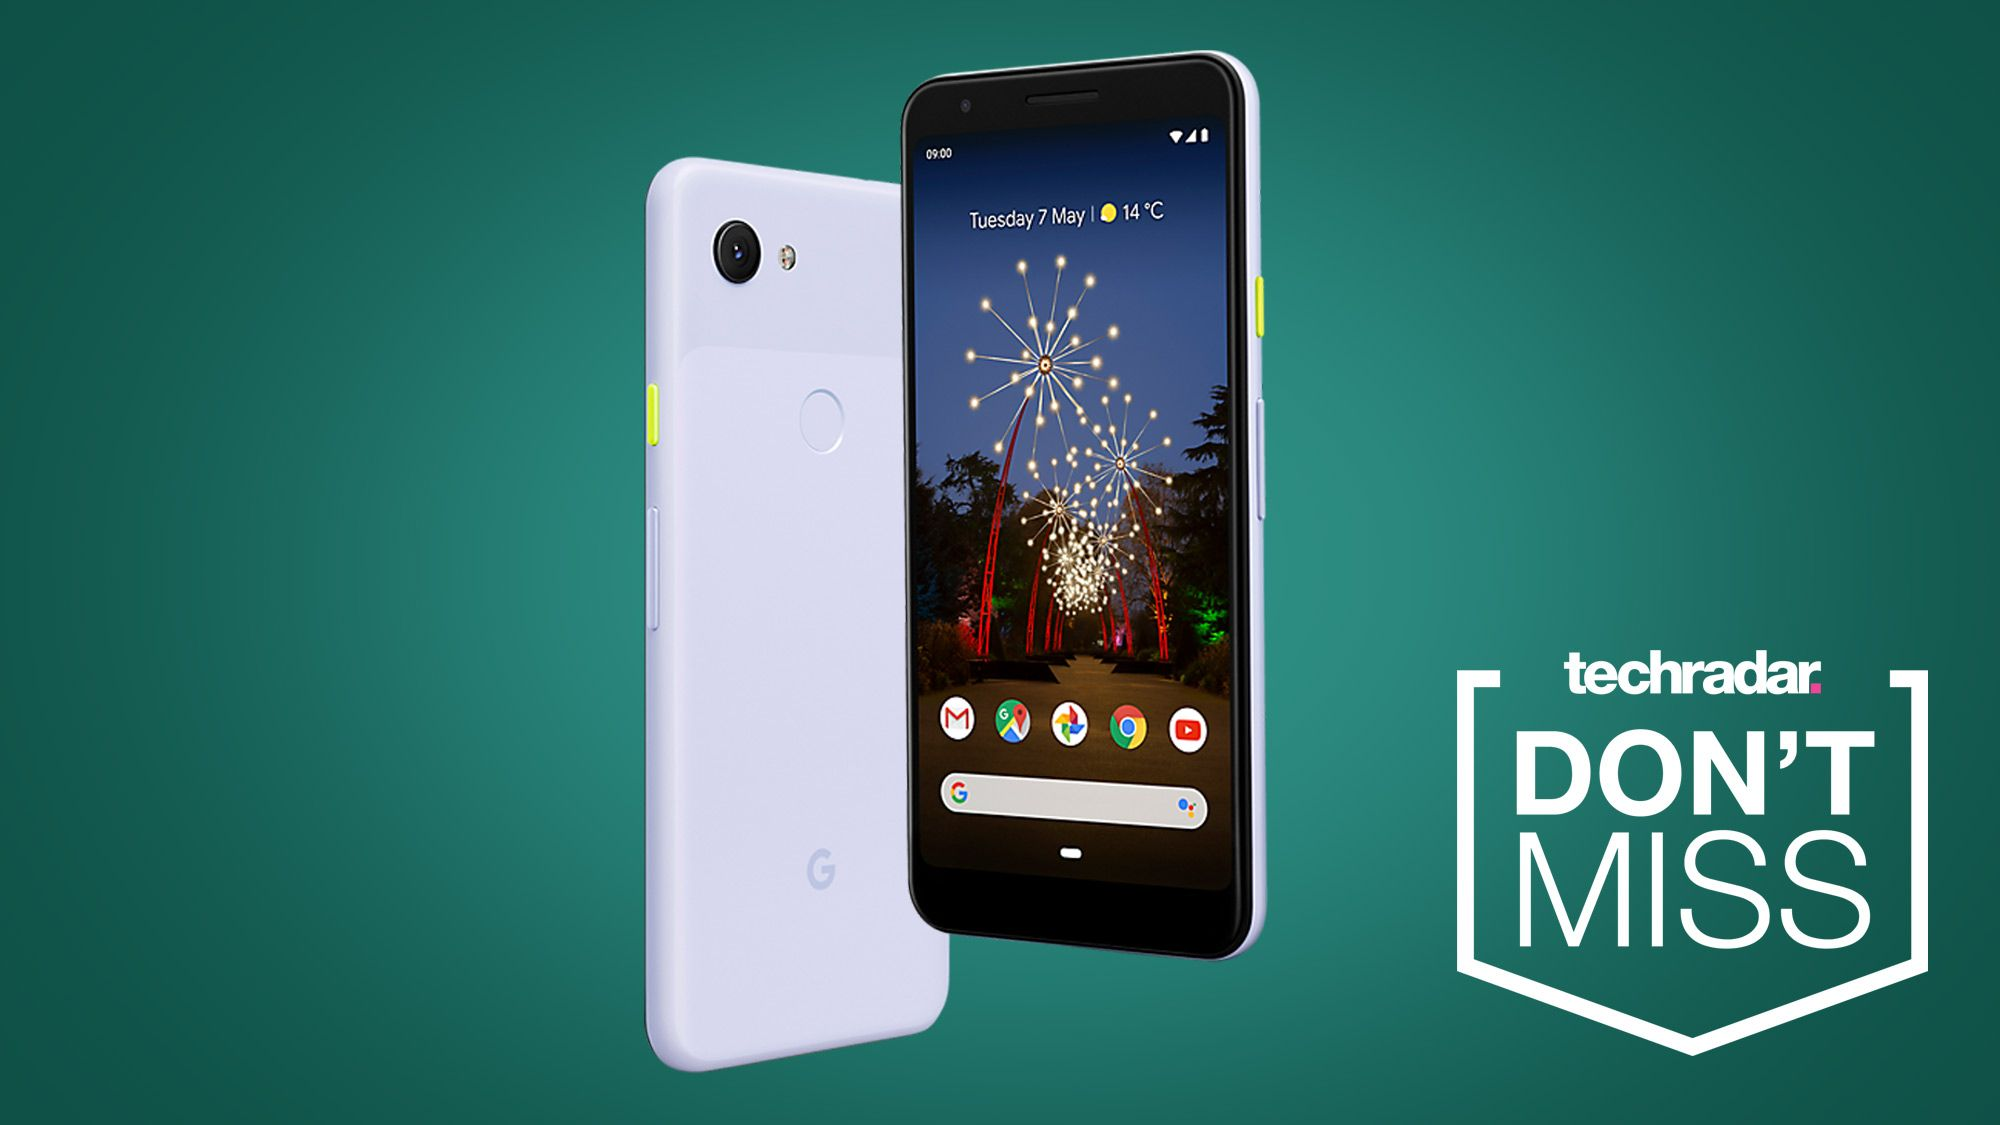 The Best Google Pixel 4 Deals And Pixel 4 Xl Deals In March 2020 In 2020 Iphone Deals Google Smartphone Google Pixel